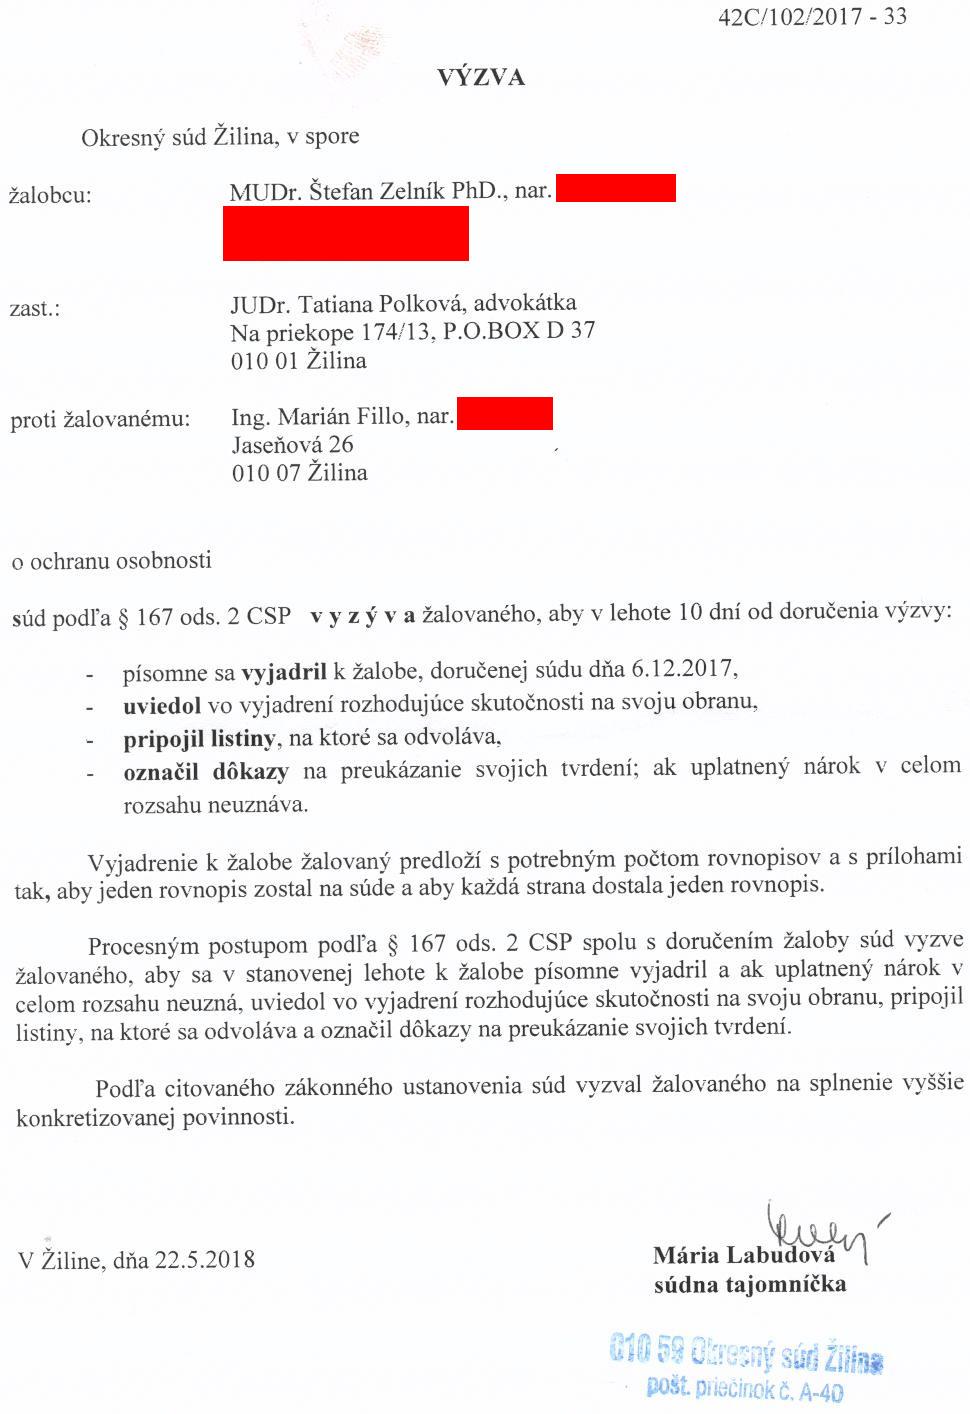 Výzva Okresného súdu Žilina žalovanému